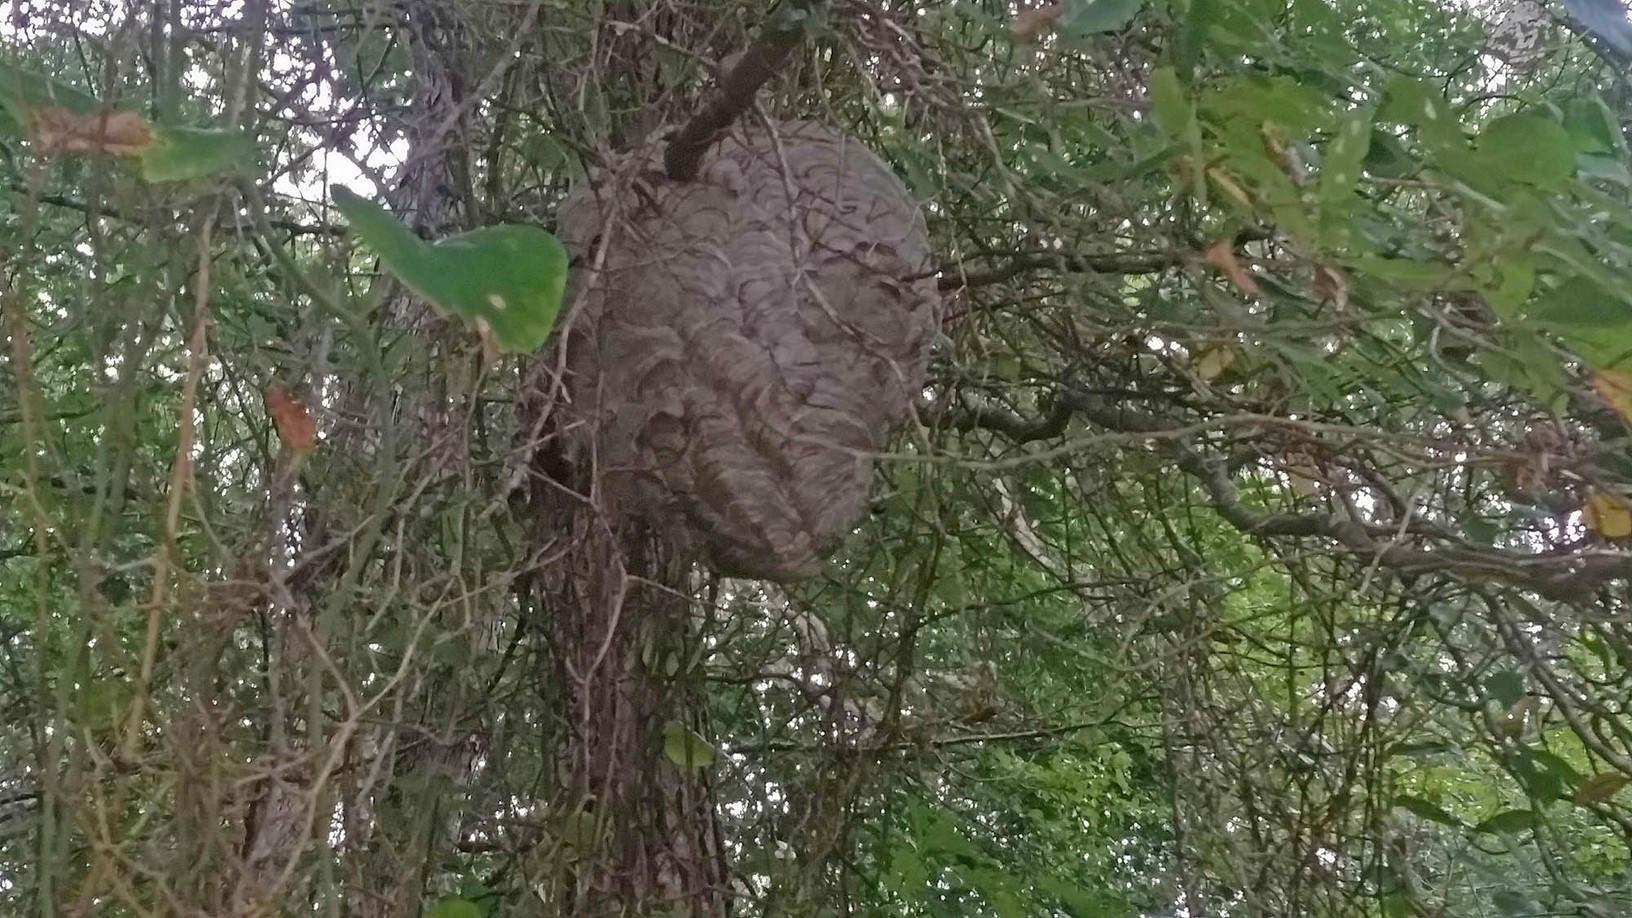 Huge hornets nest endangers Bridgewater, NJ family - Before Photo